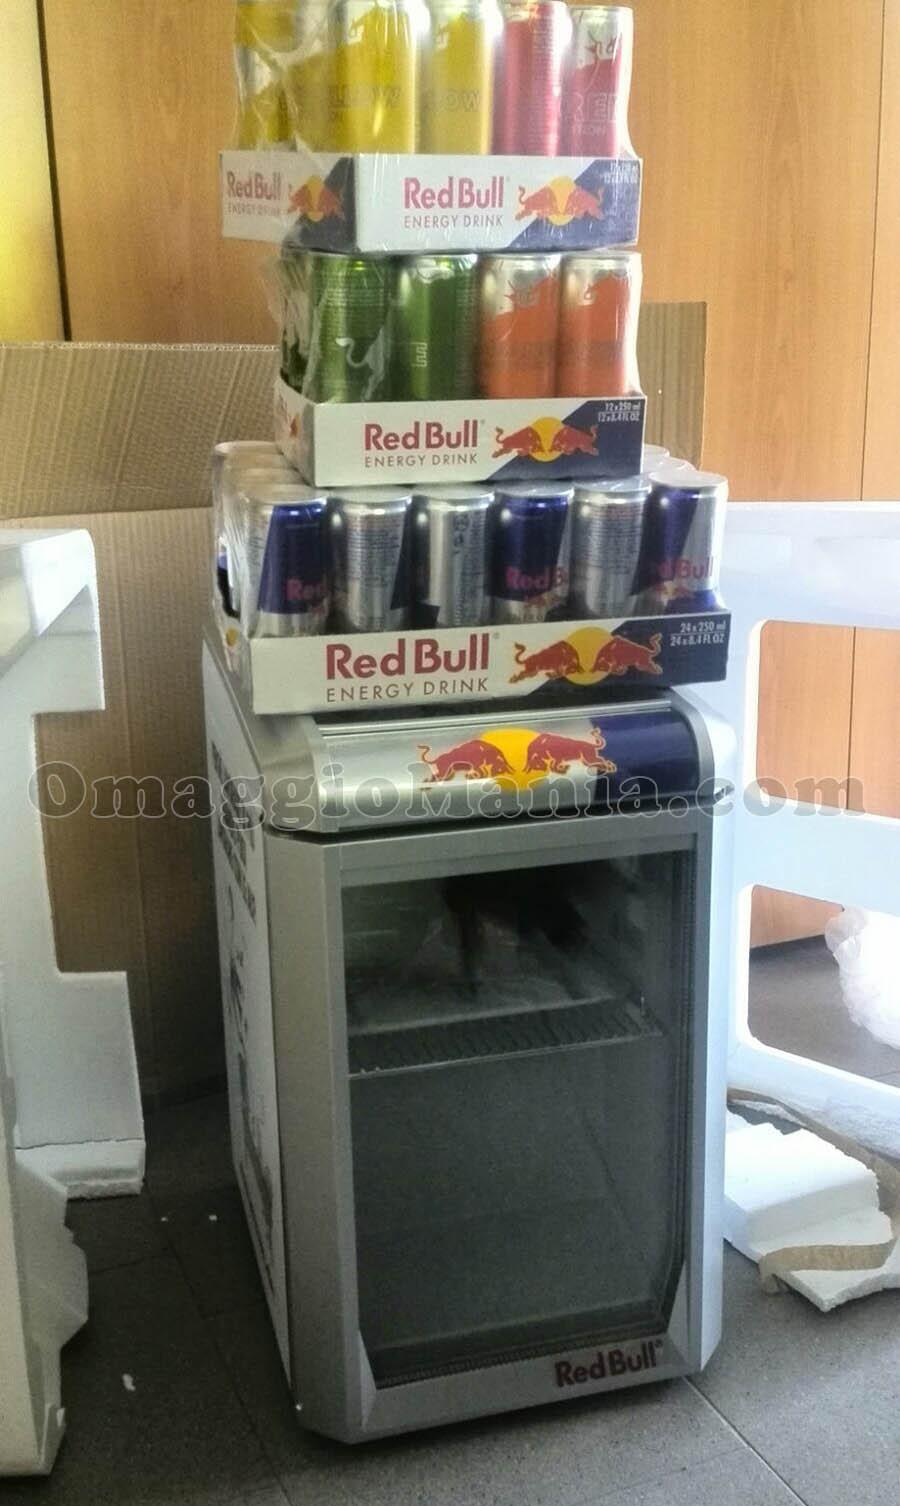 Frigorifero Red Bull e fornitura di lattine di Irene